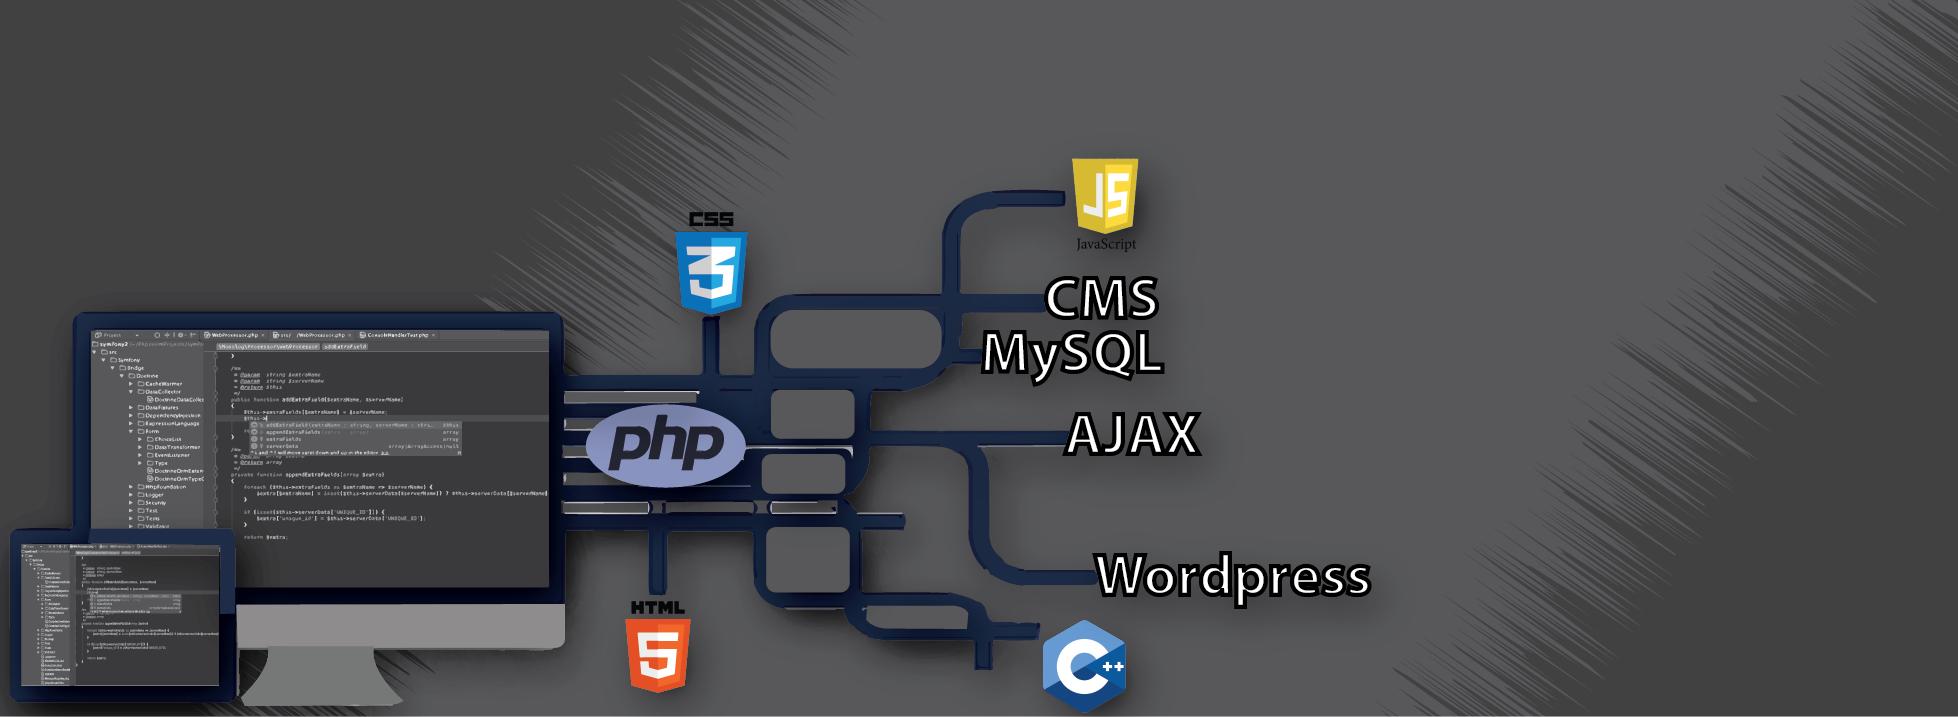 PHP-SQL-Training-in-Delhi-NCR